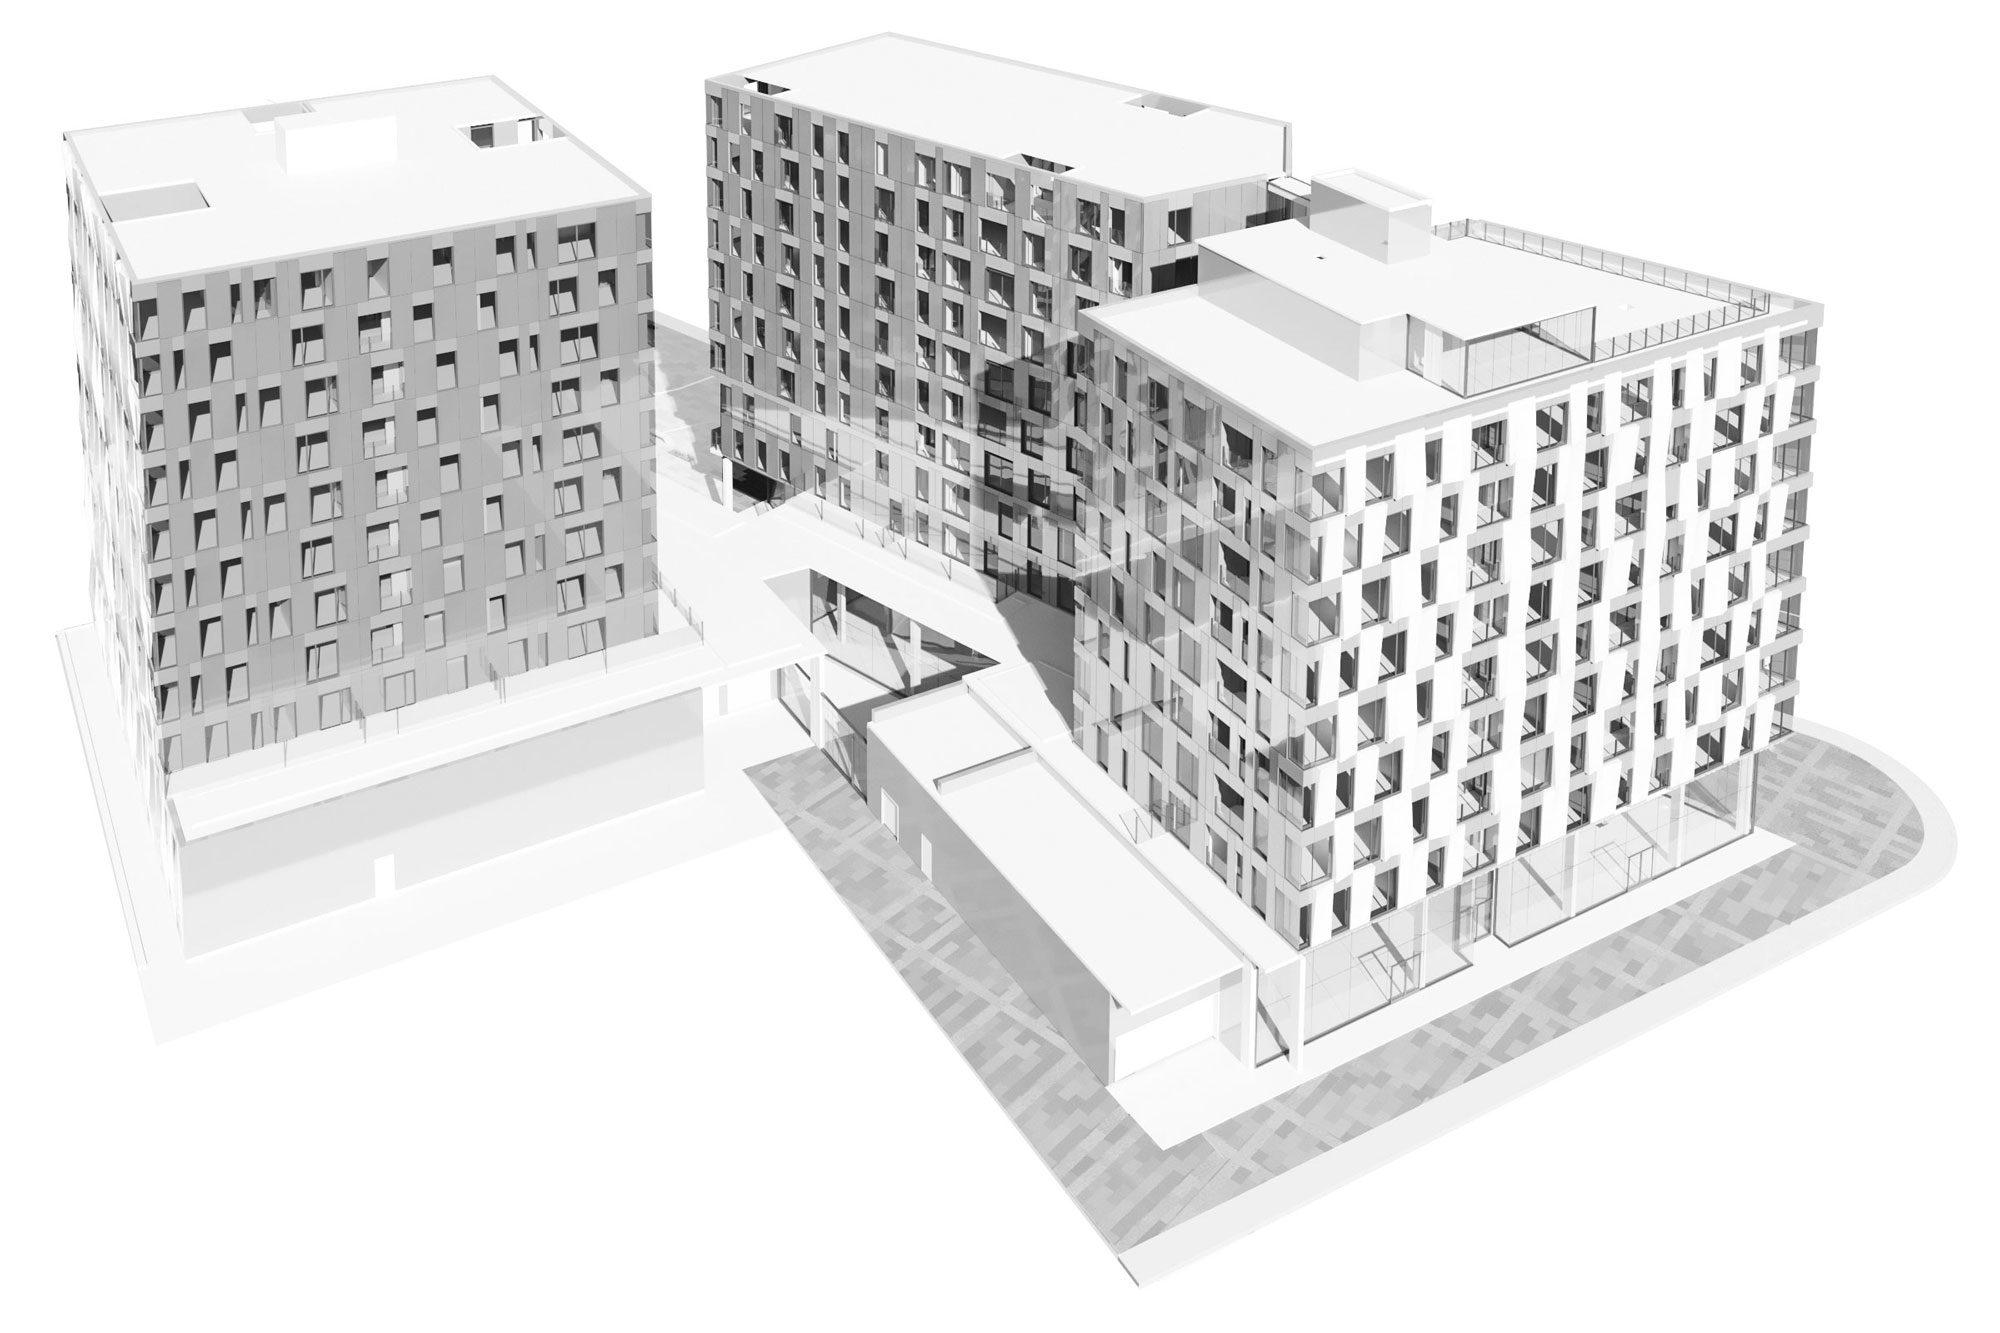 Perspective du projet présentant les trois bâtiments